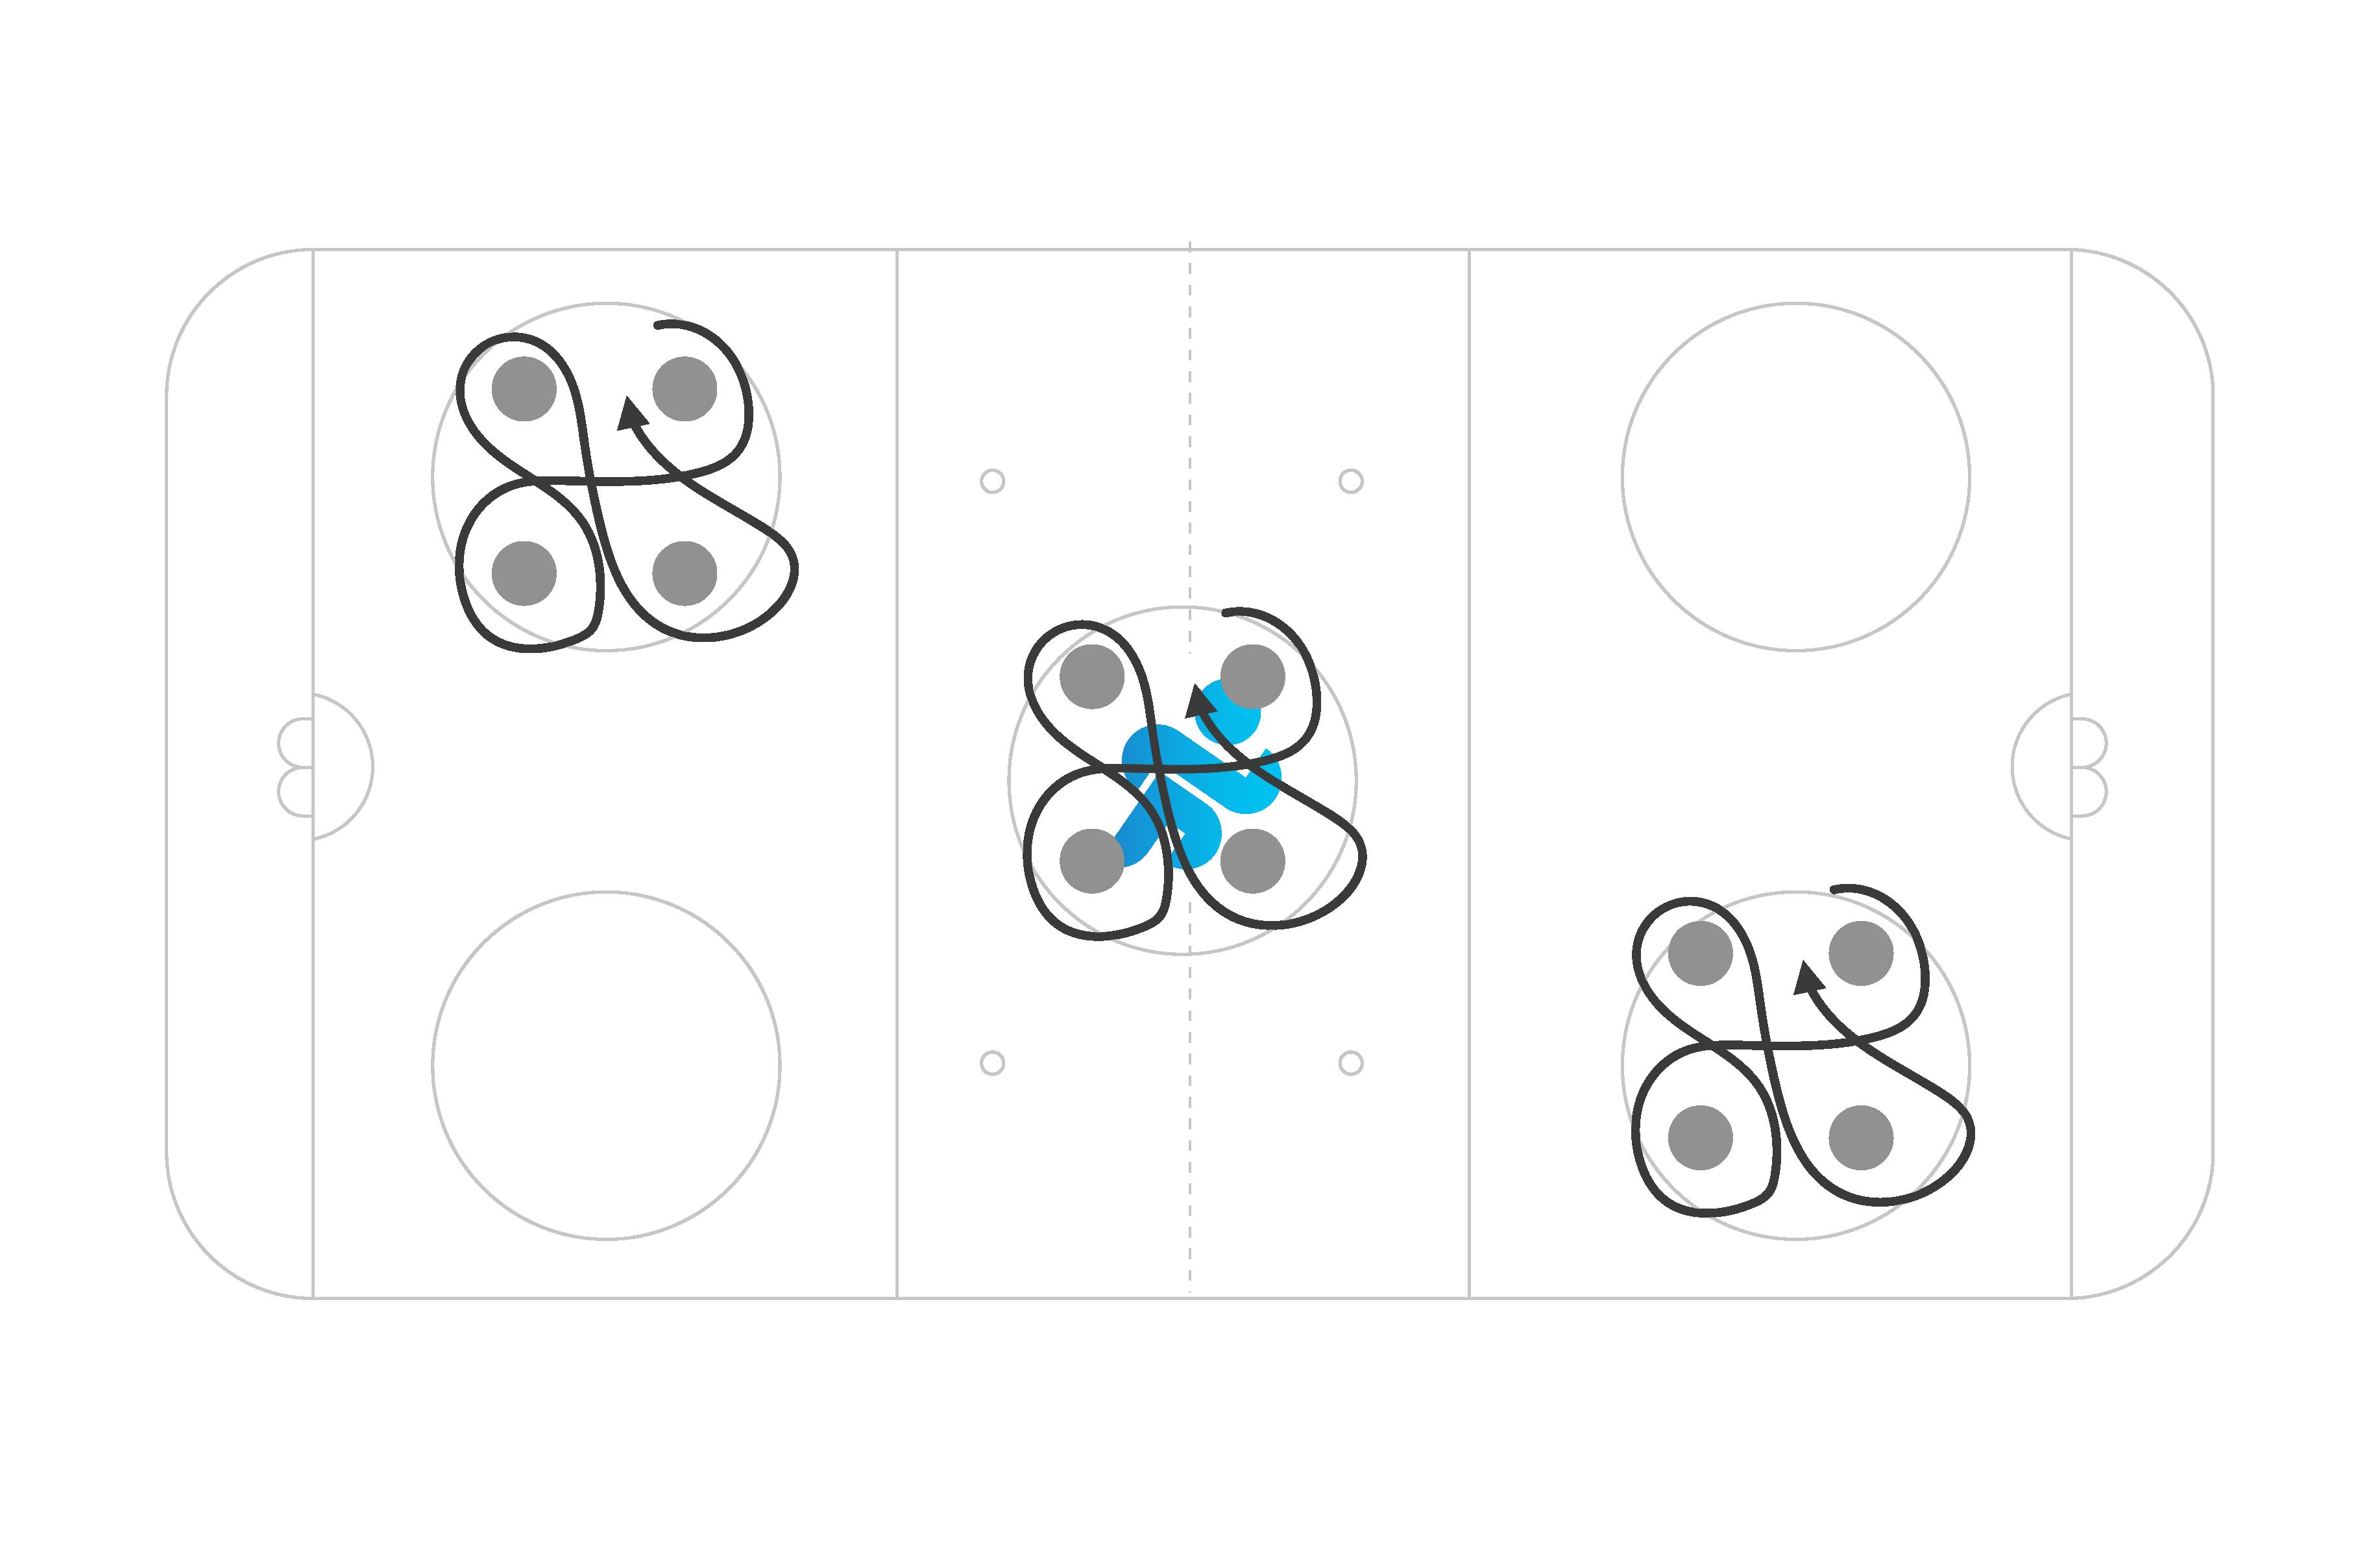 exemple d'exercice d'habileté technique pour pratique de hockey